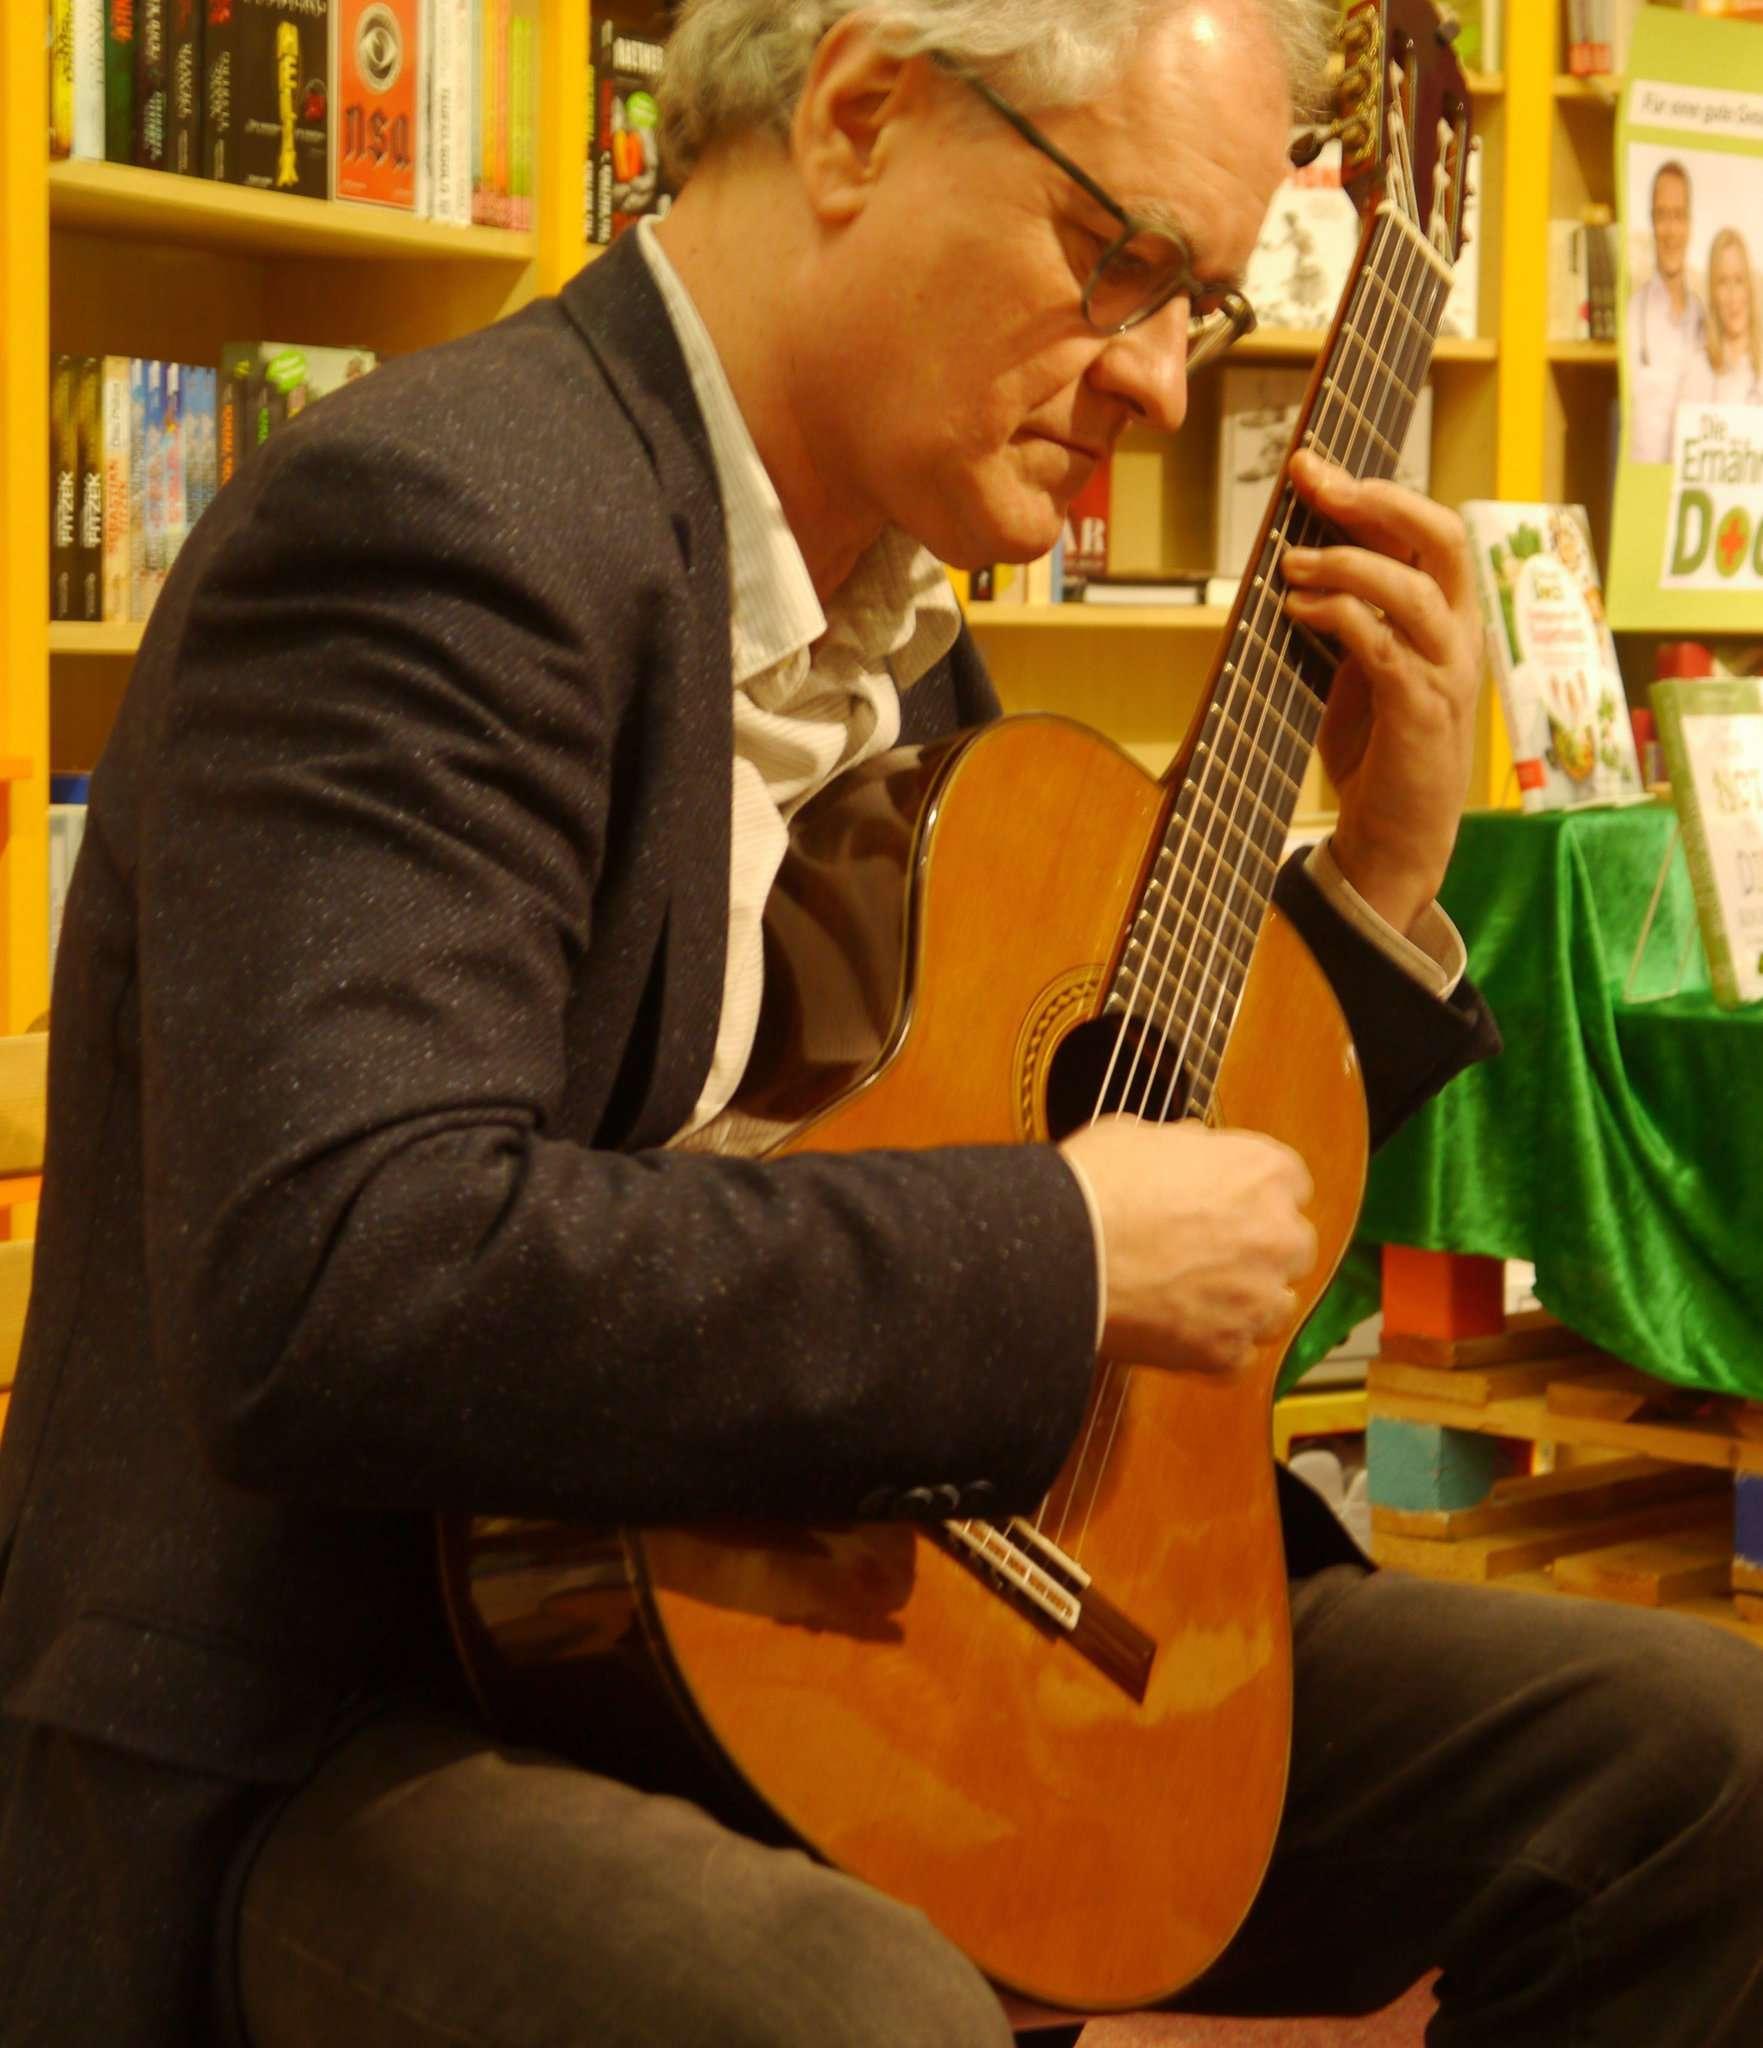 Thomas Brendgens-Mönkemeyer erfüllte die Buchhandlung mit warmen Klängen.